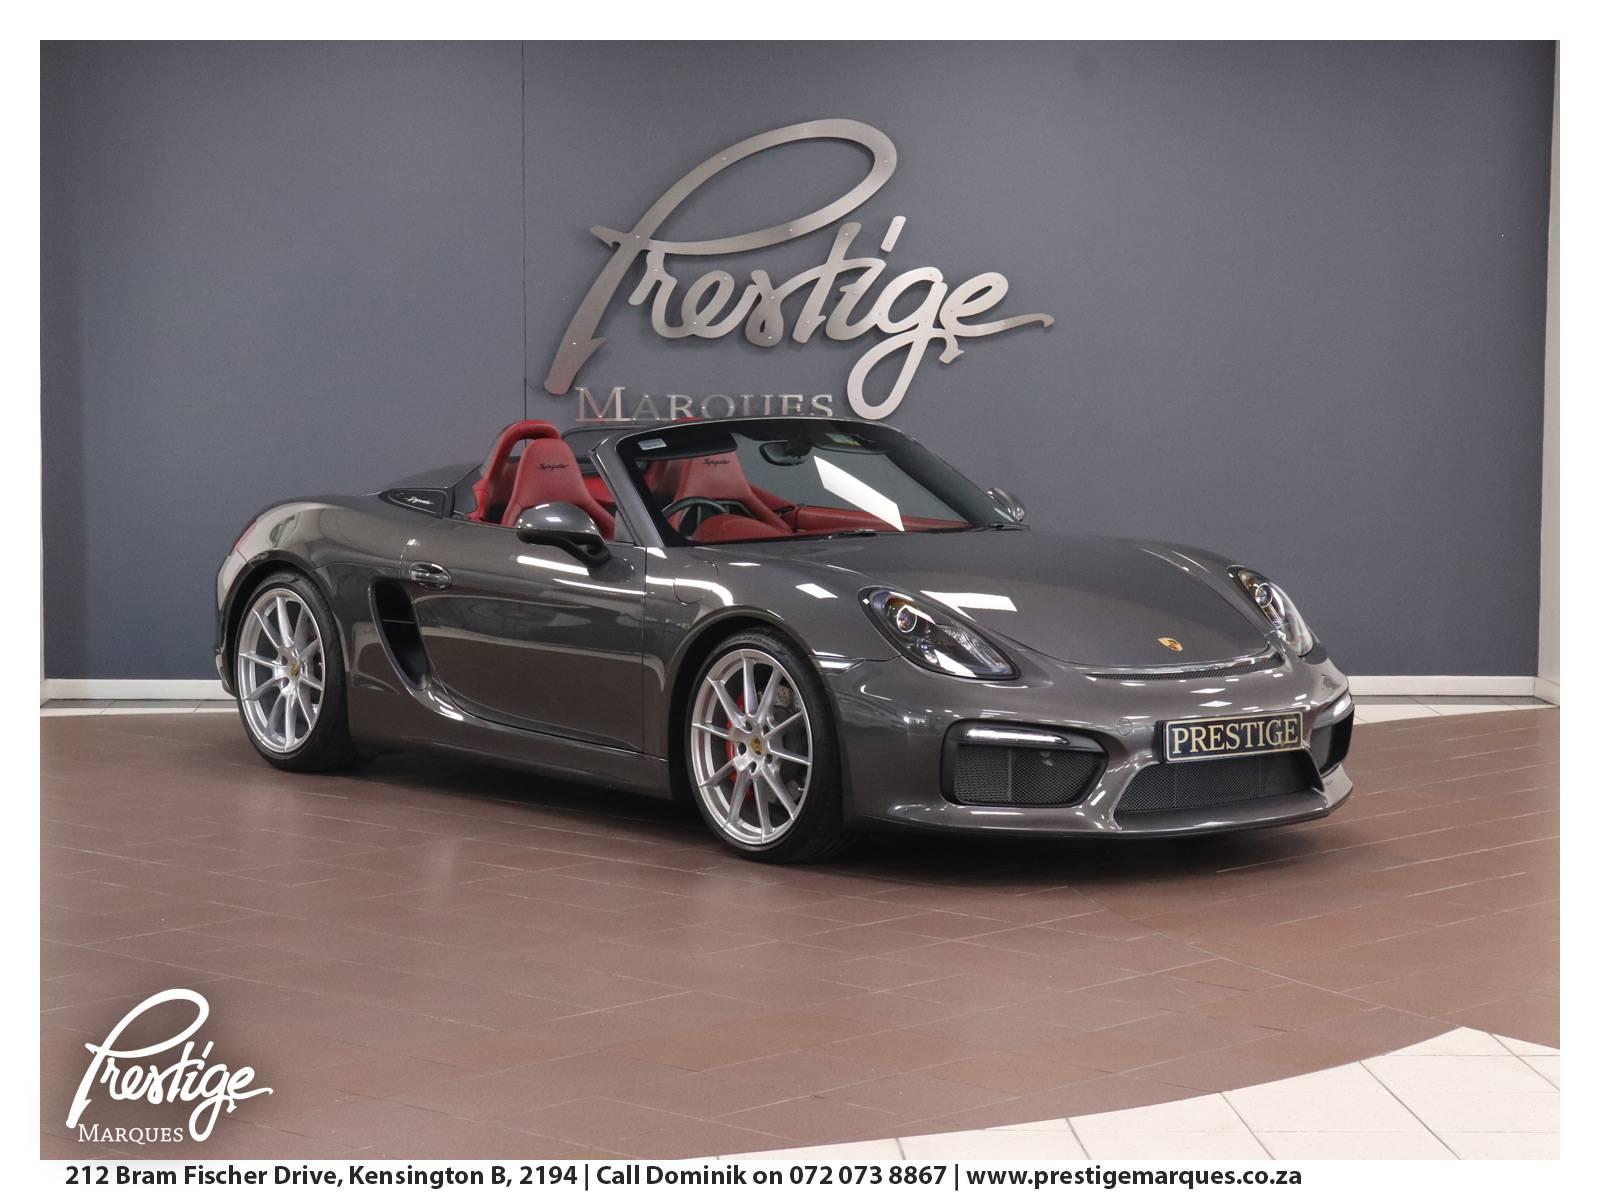 2016-Porsche-Spyder-Prestige-Marques-Ranburg-Sandton-1